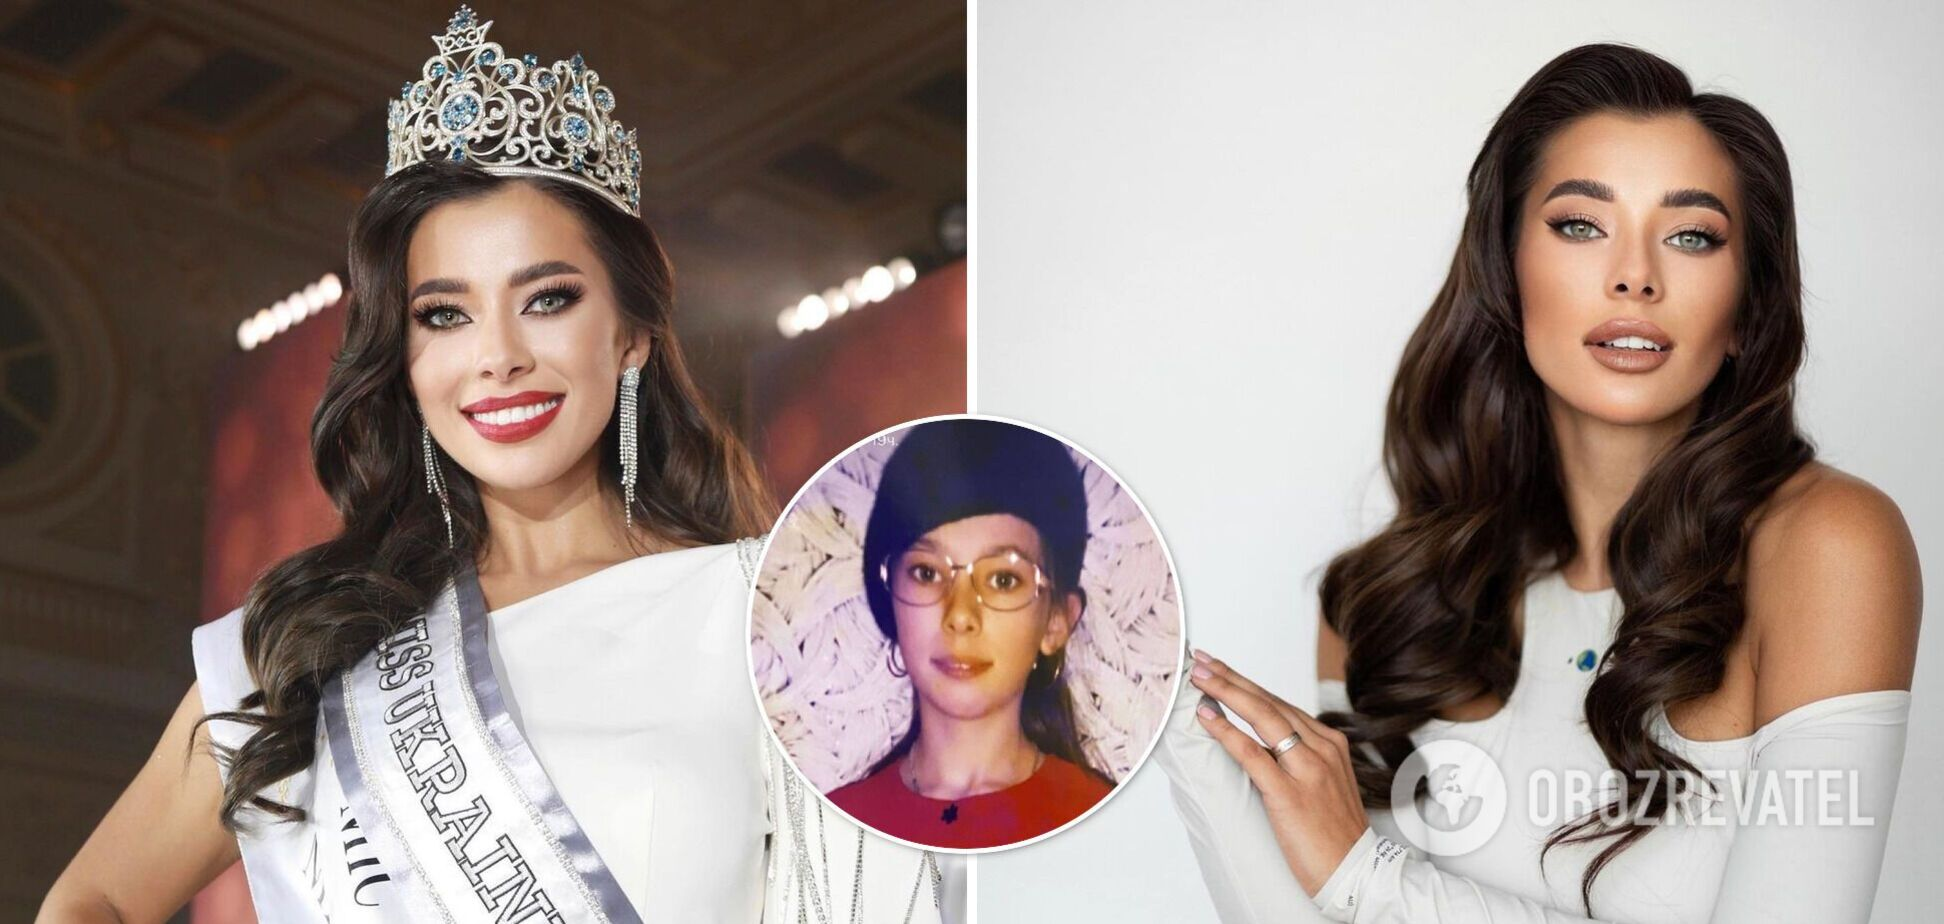 'Міс Україна Всесвіт-2021' Неплях в дитинстві була 'гидким каченям'. Архівні фото